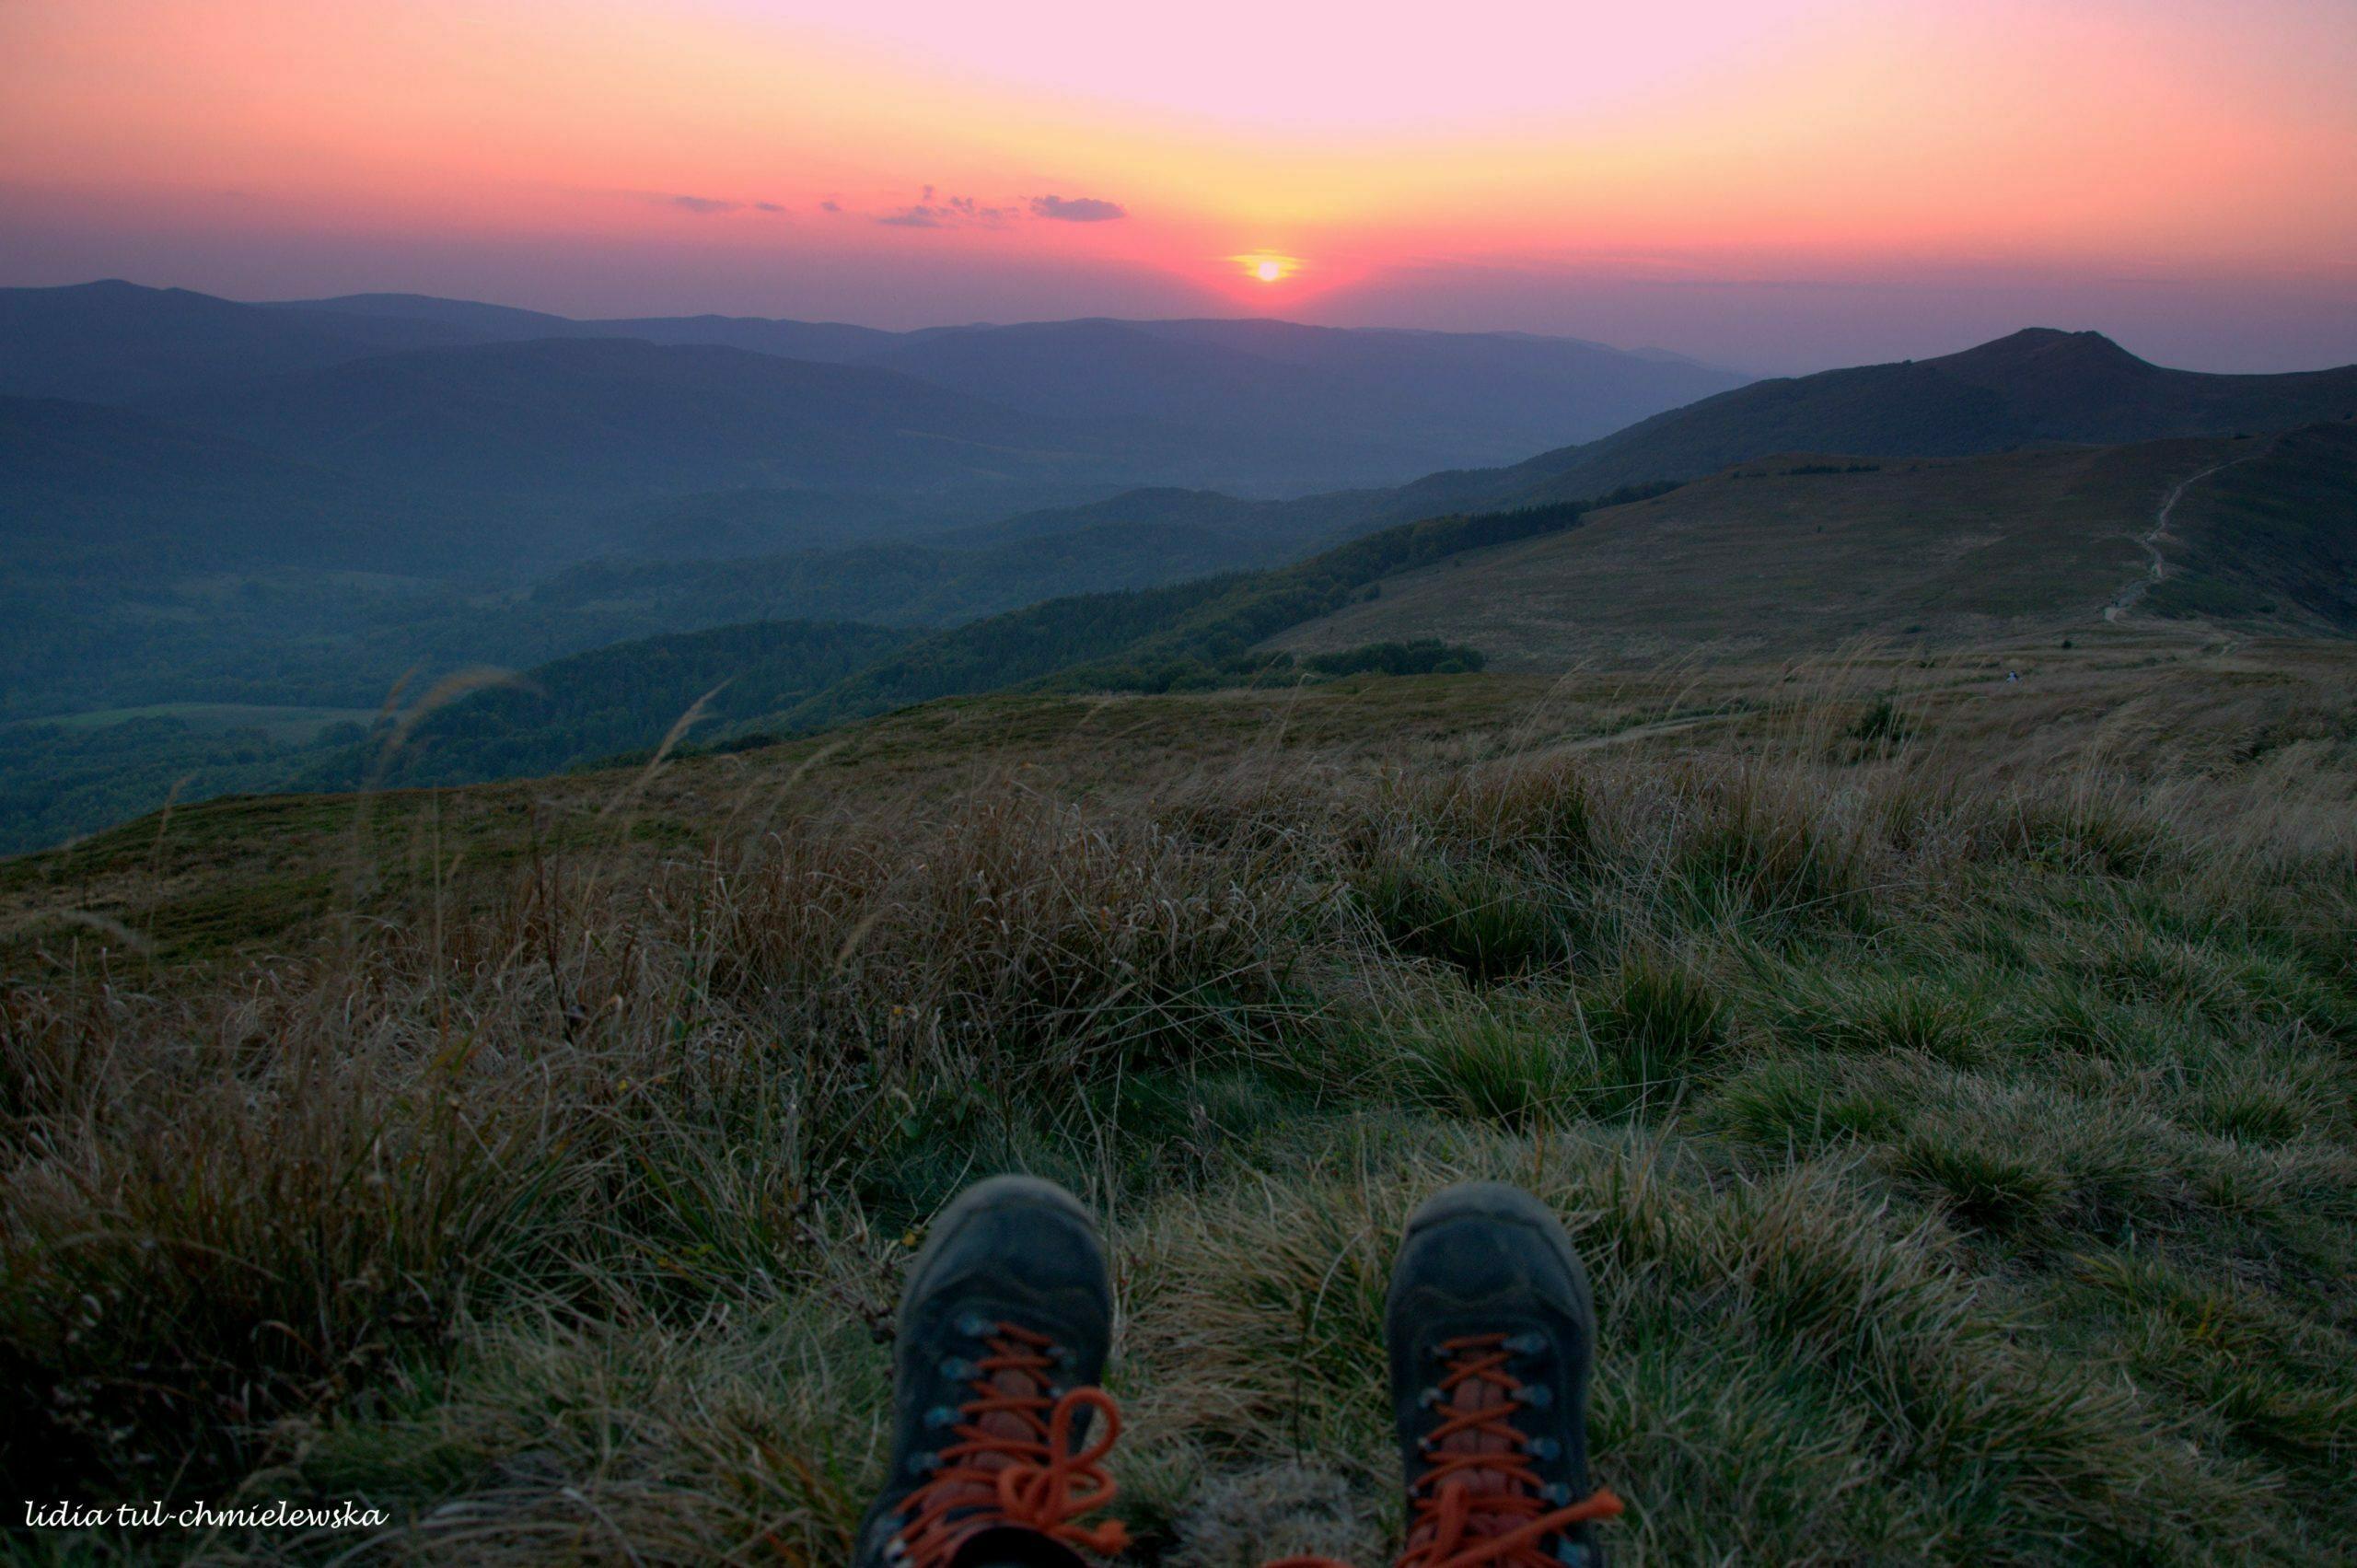 Zachod słońca z Połoniny Wetlinskiej fot. Lidia Tul-Chmielewska